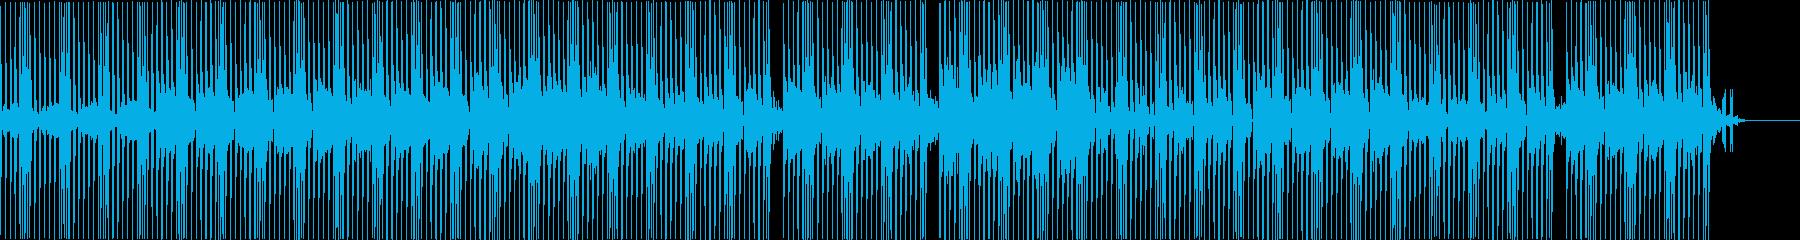 スタイリッシュで未来的なBGMの再生済みの波形